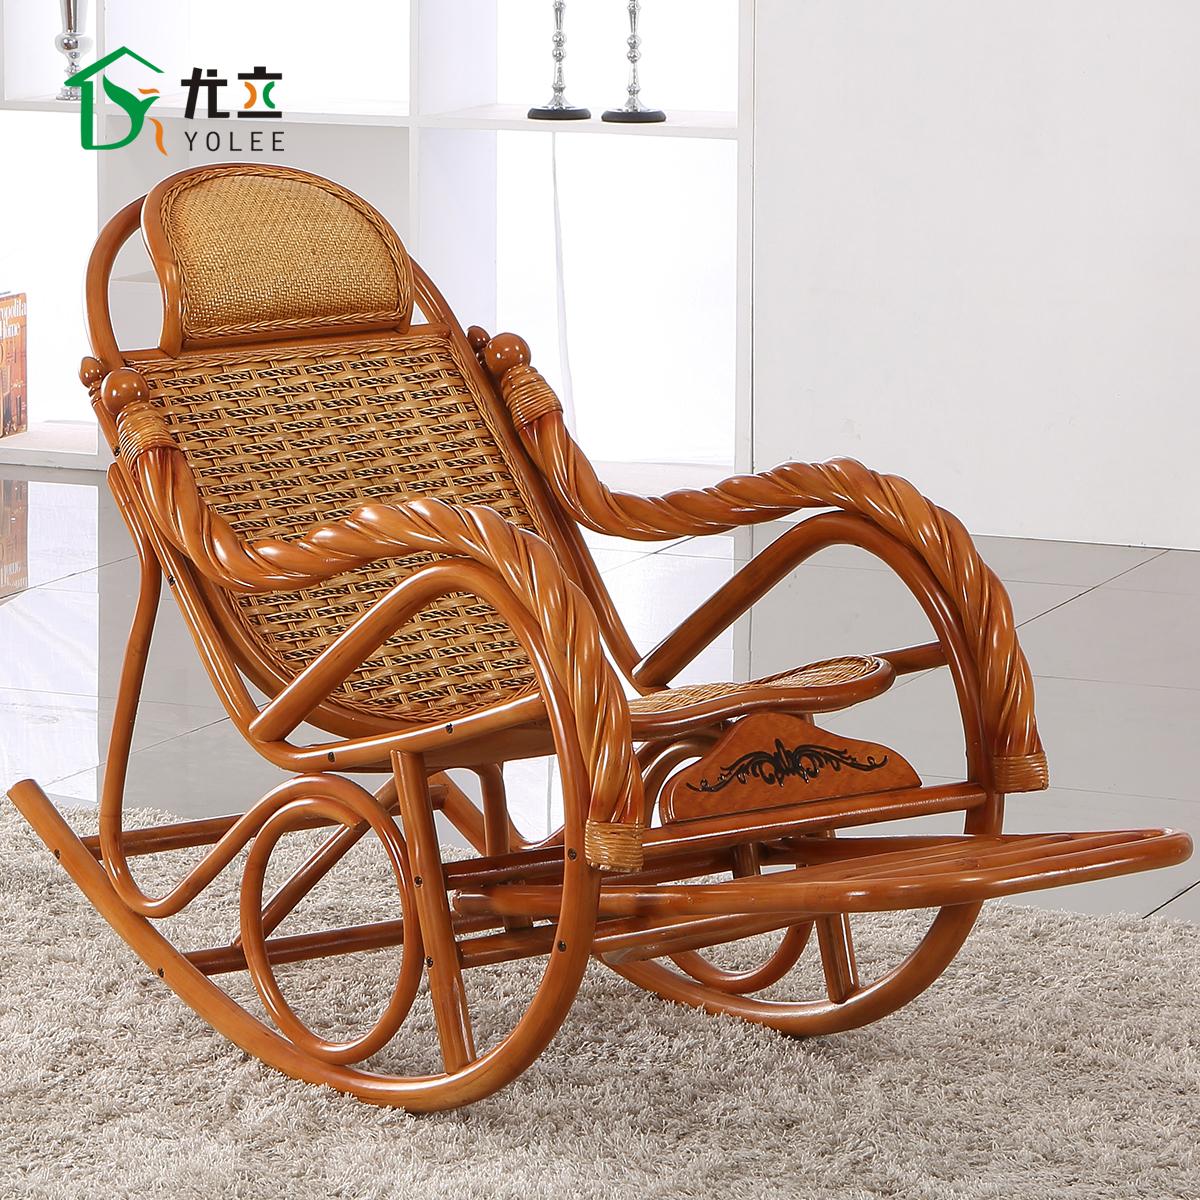 尤立摇摇椅躺椅折叠椅午休椅阳台逍遥椅印尼天然藤椅藤摇椅特价